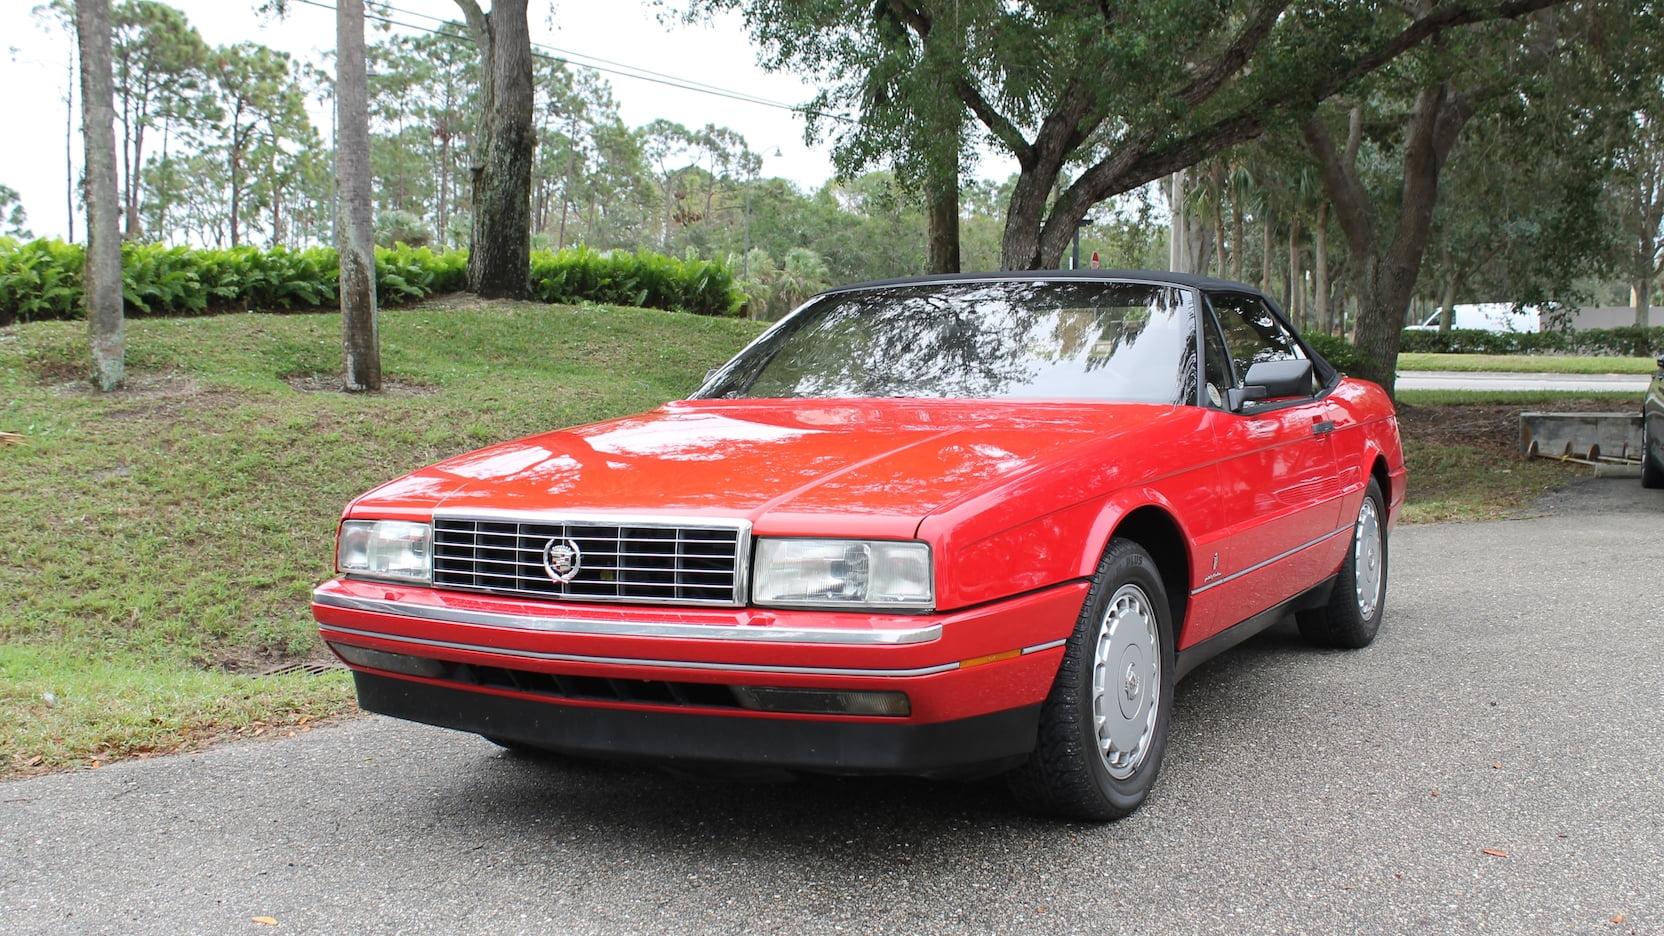 1992 Cadillac Allante front 3/4